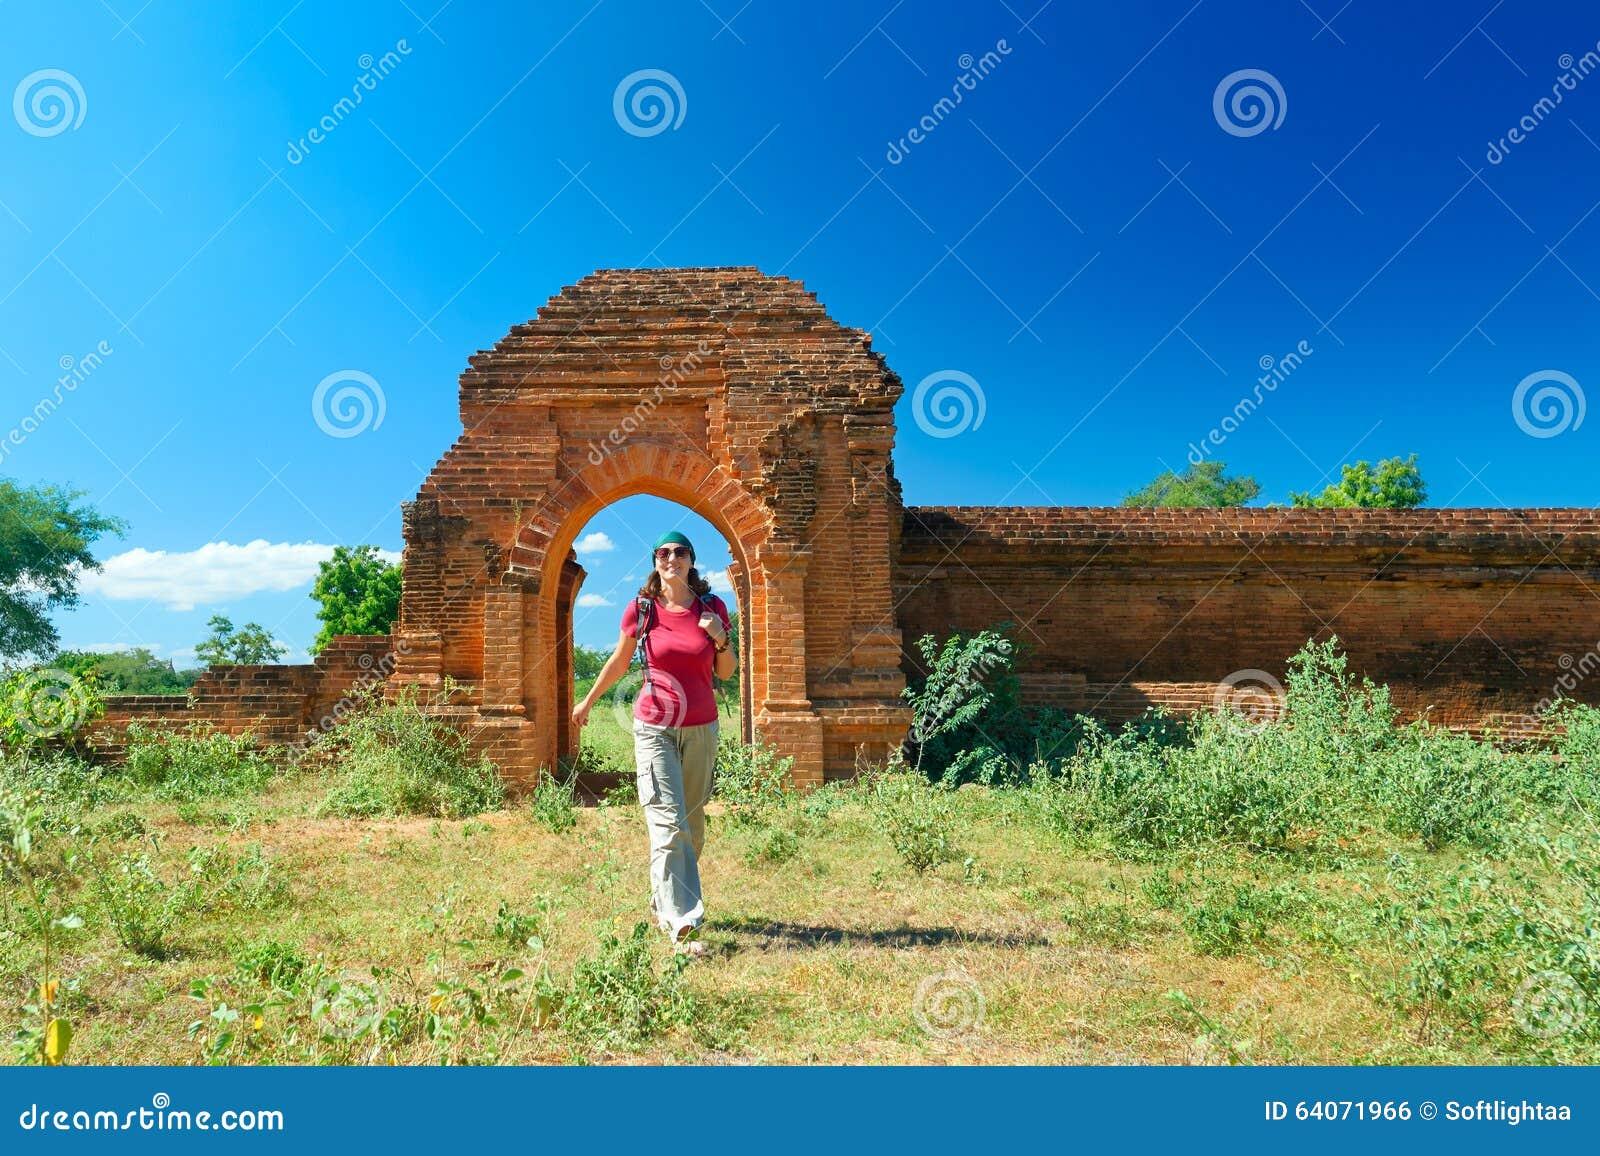 Junge Dame mit einem Rucksack aus den Toren der alten Ruinen heraus